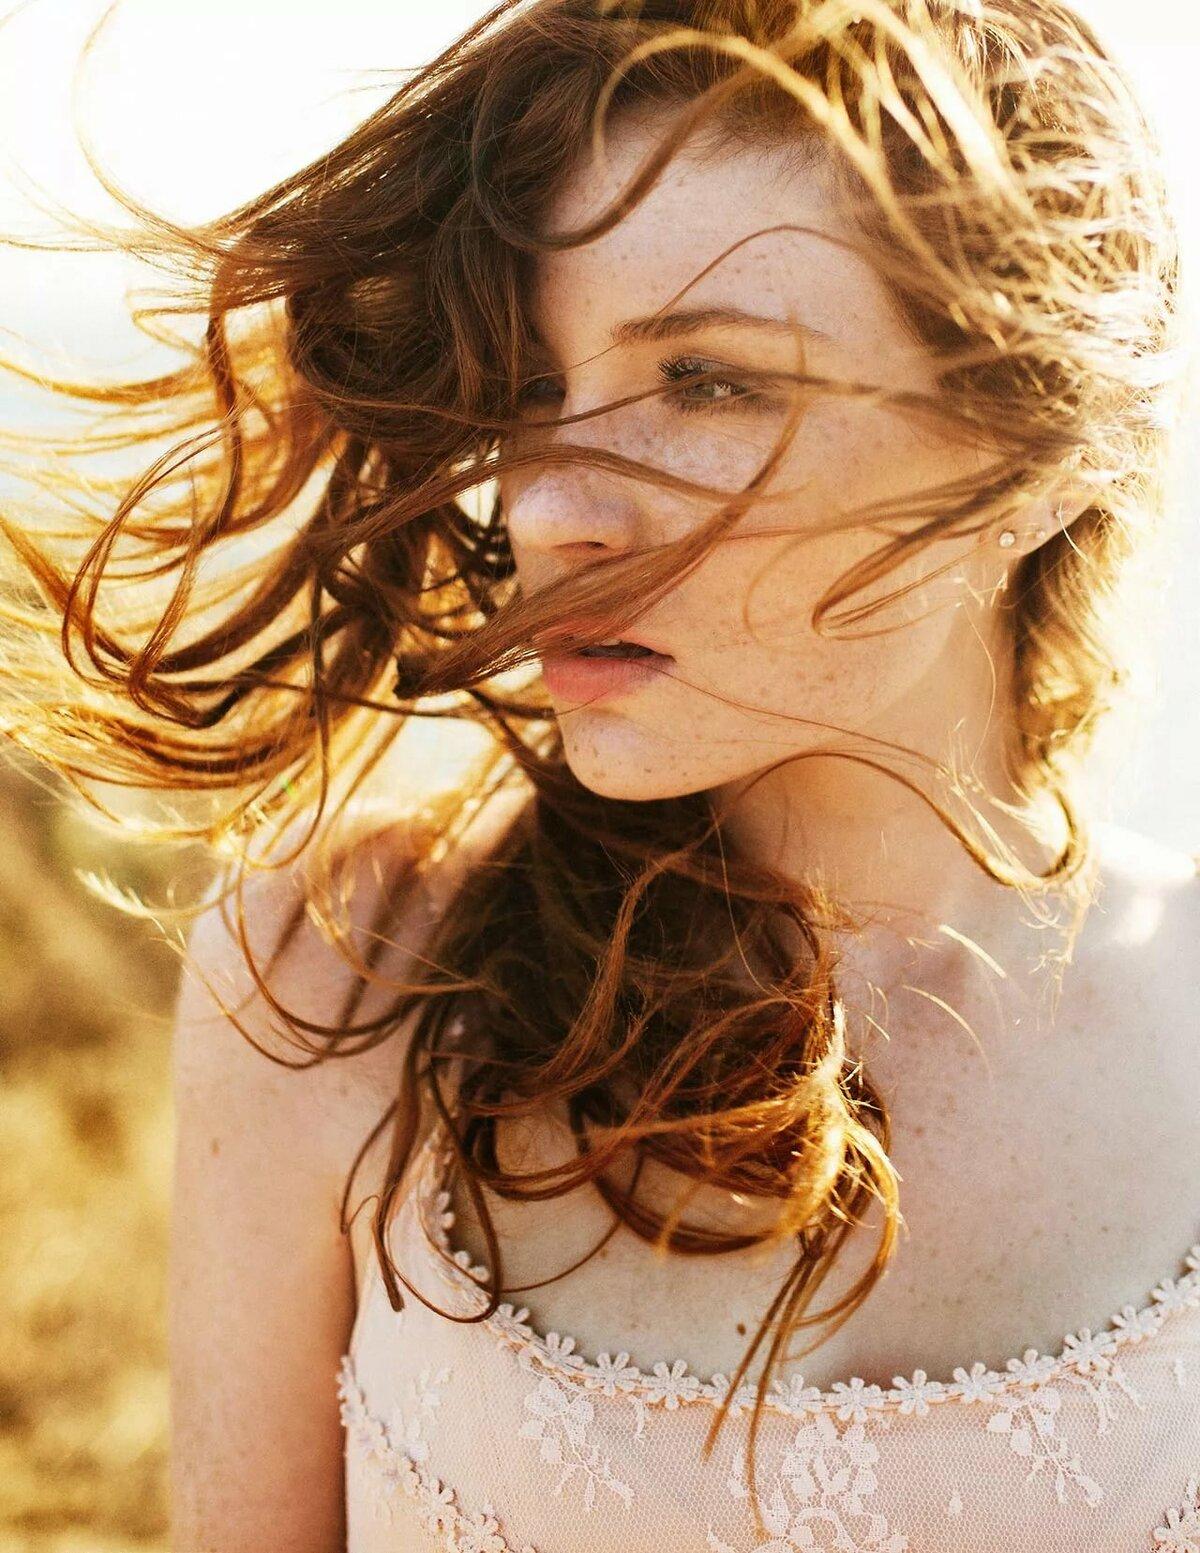 Колорирование волос осветление фото событие